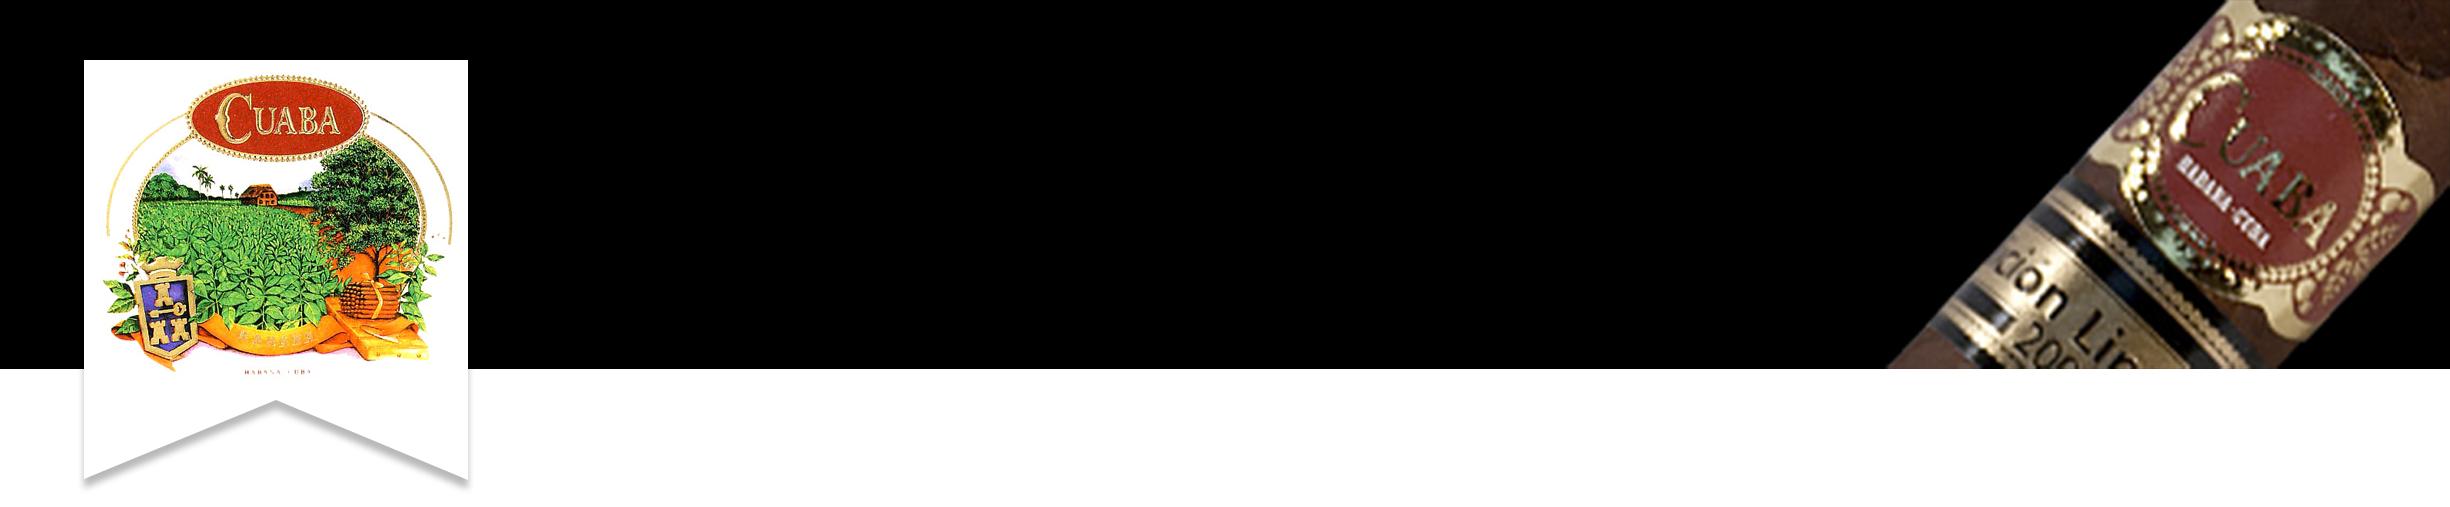 クアバ-カテゴリ